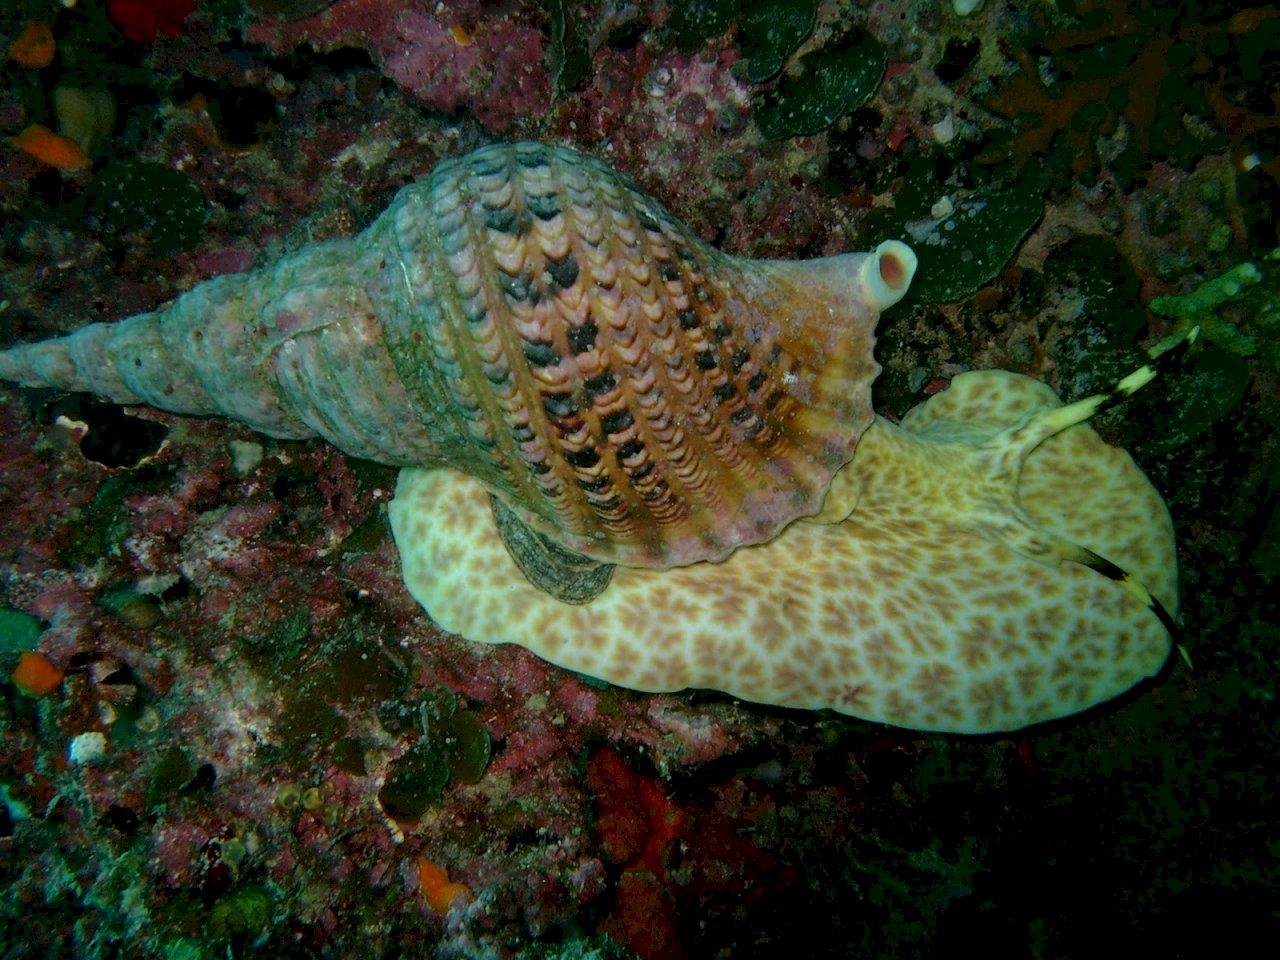 拯救大堡礁出奇招 澳擬釋放巨型海蝸牛